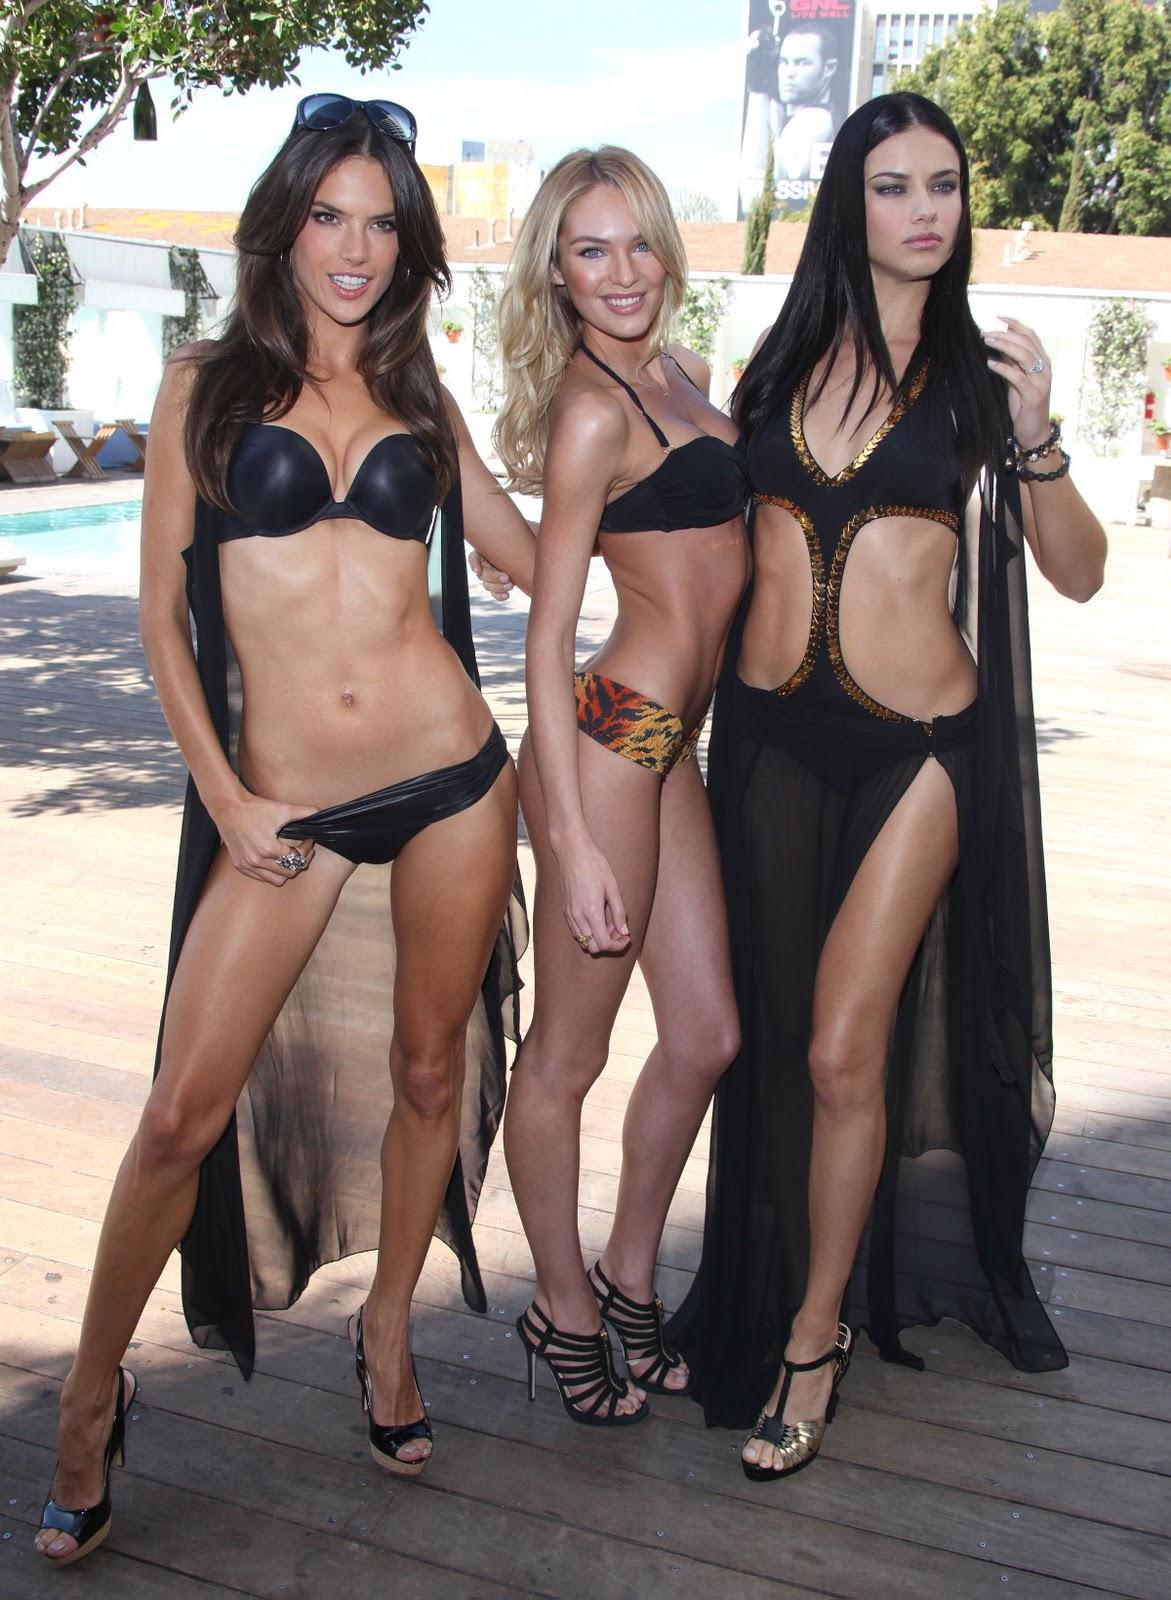 http://1.bp.blogspot.com/-FMbn_Pxgrkk/TZXs3sPcGFI/AAAAAAAAAdE/aK_hxXO37Aw/s1600/Victoria_Secret2.jpg